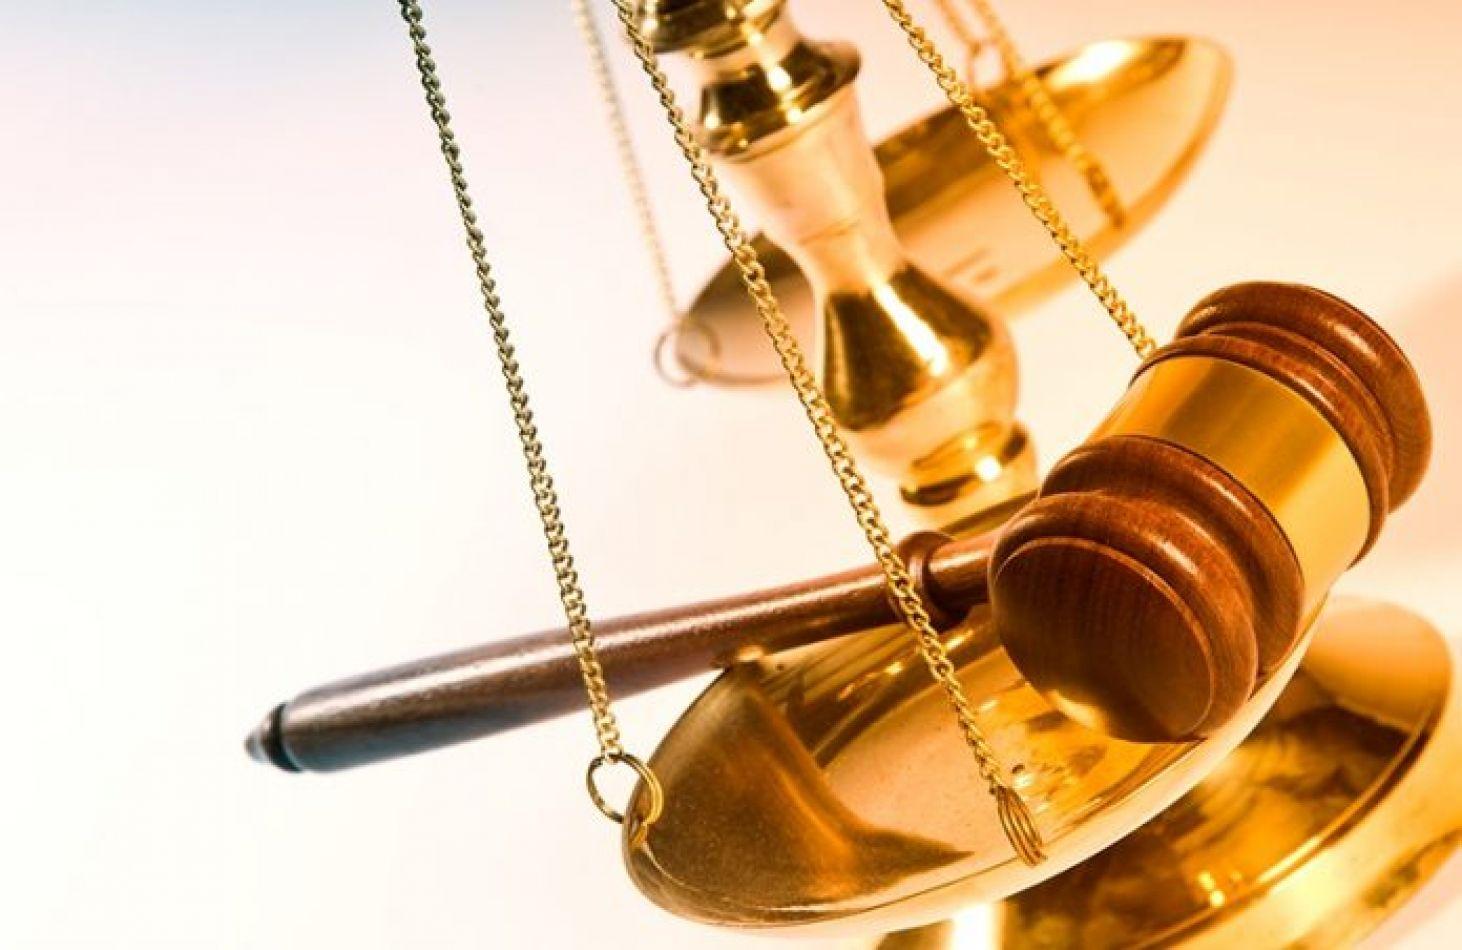 La nueva sanción obligará a que los jueces necesiten más elementos y condiciones a la hora de dictar una prisión preventiva